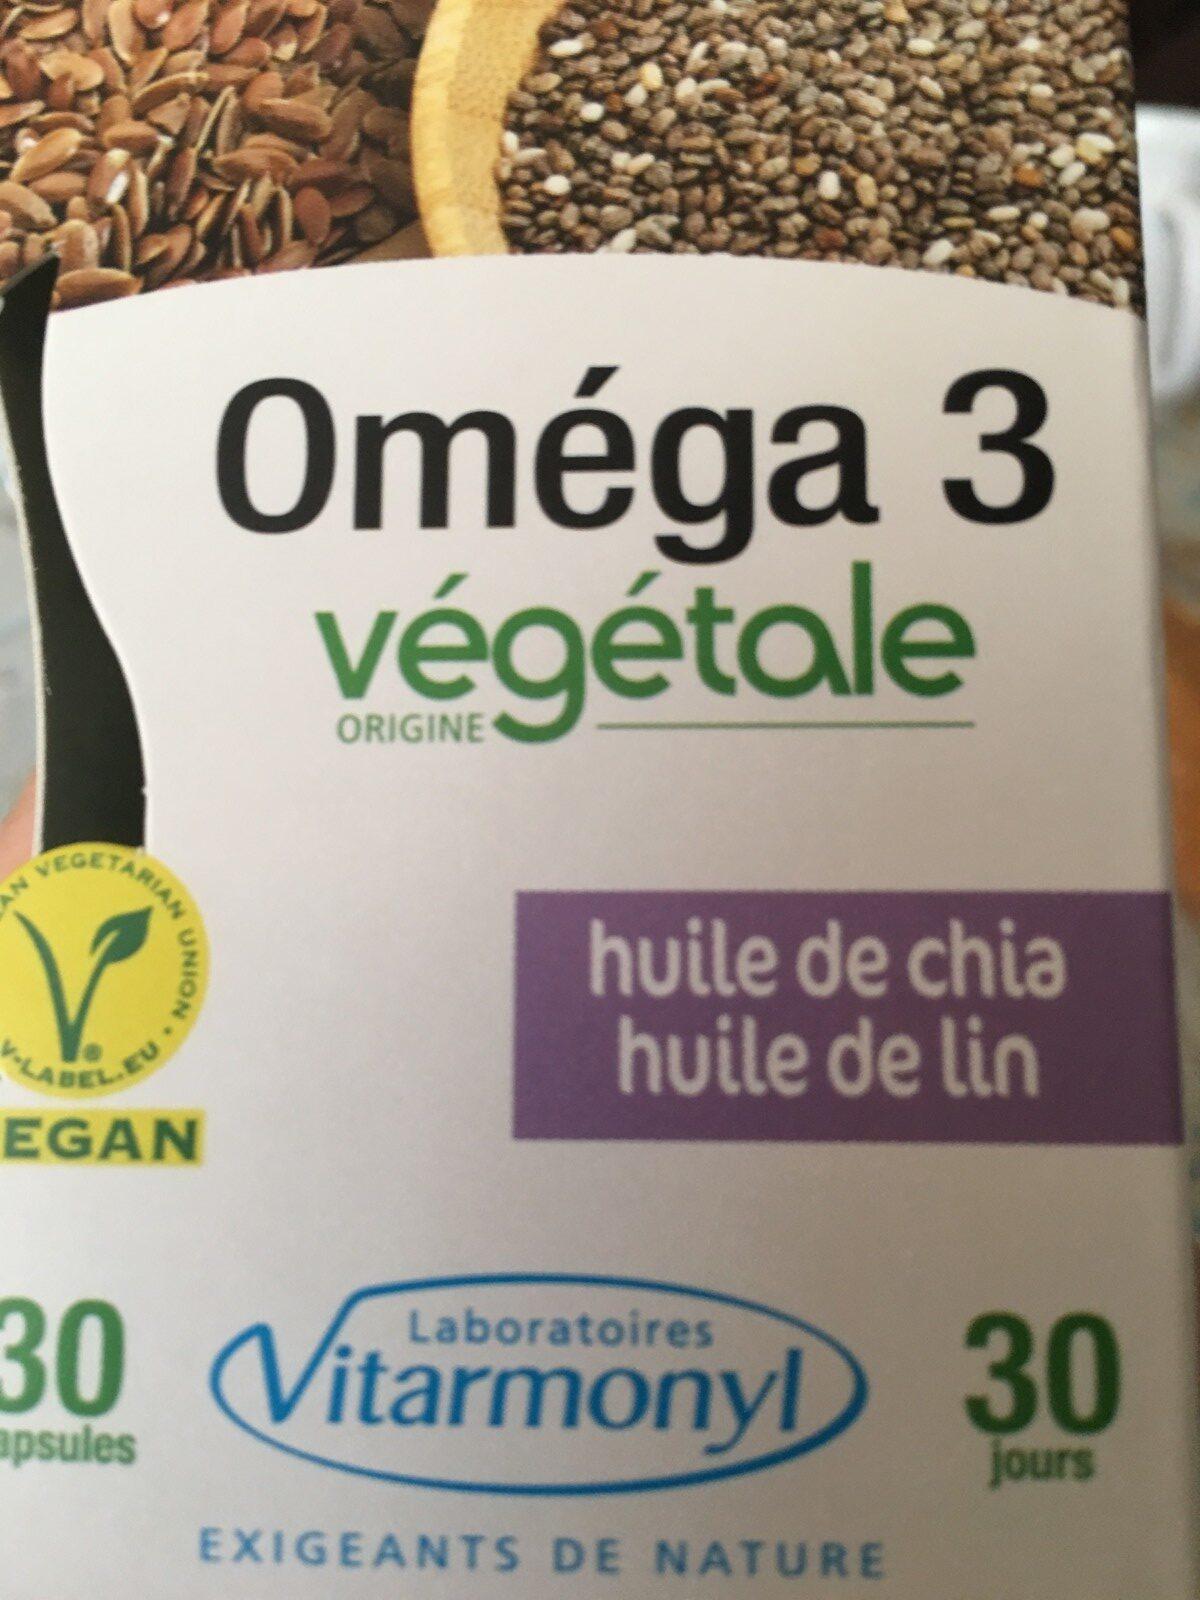 Oméga 3 huile de chia, huile de lin - Ingrediënten - fr